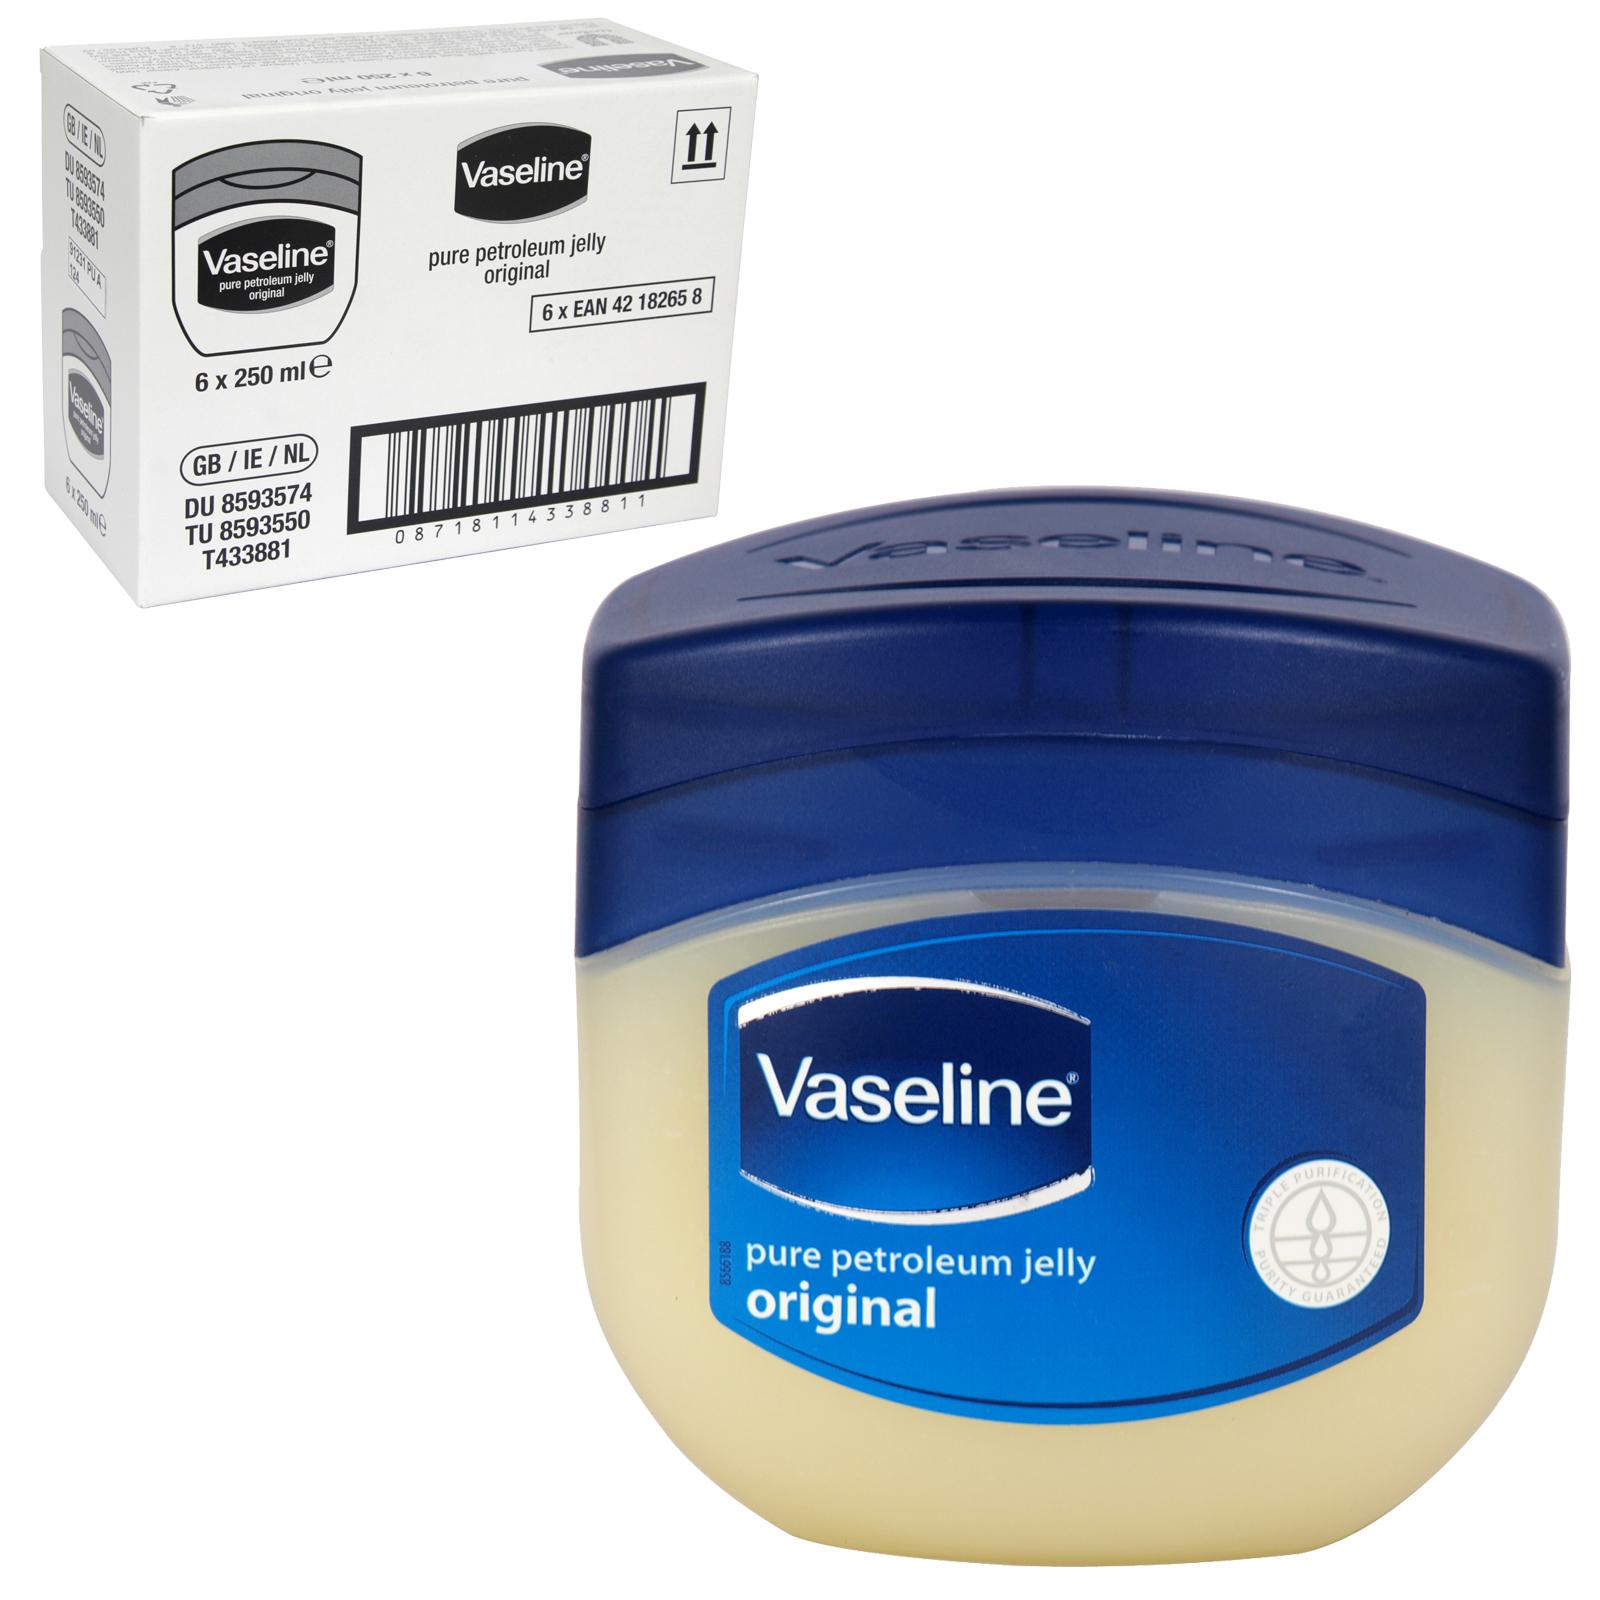 VASELINE PURE PET JELLY 250ML [UK] X6